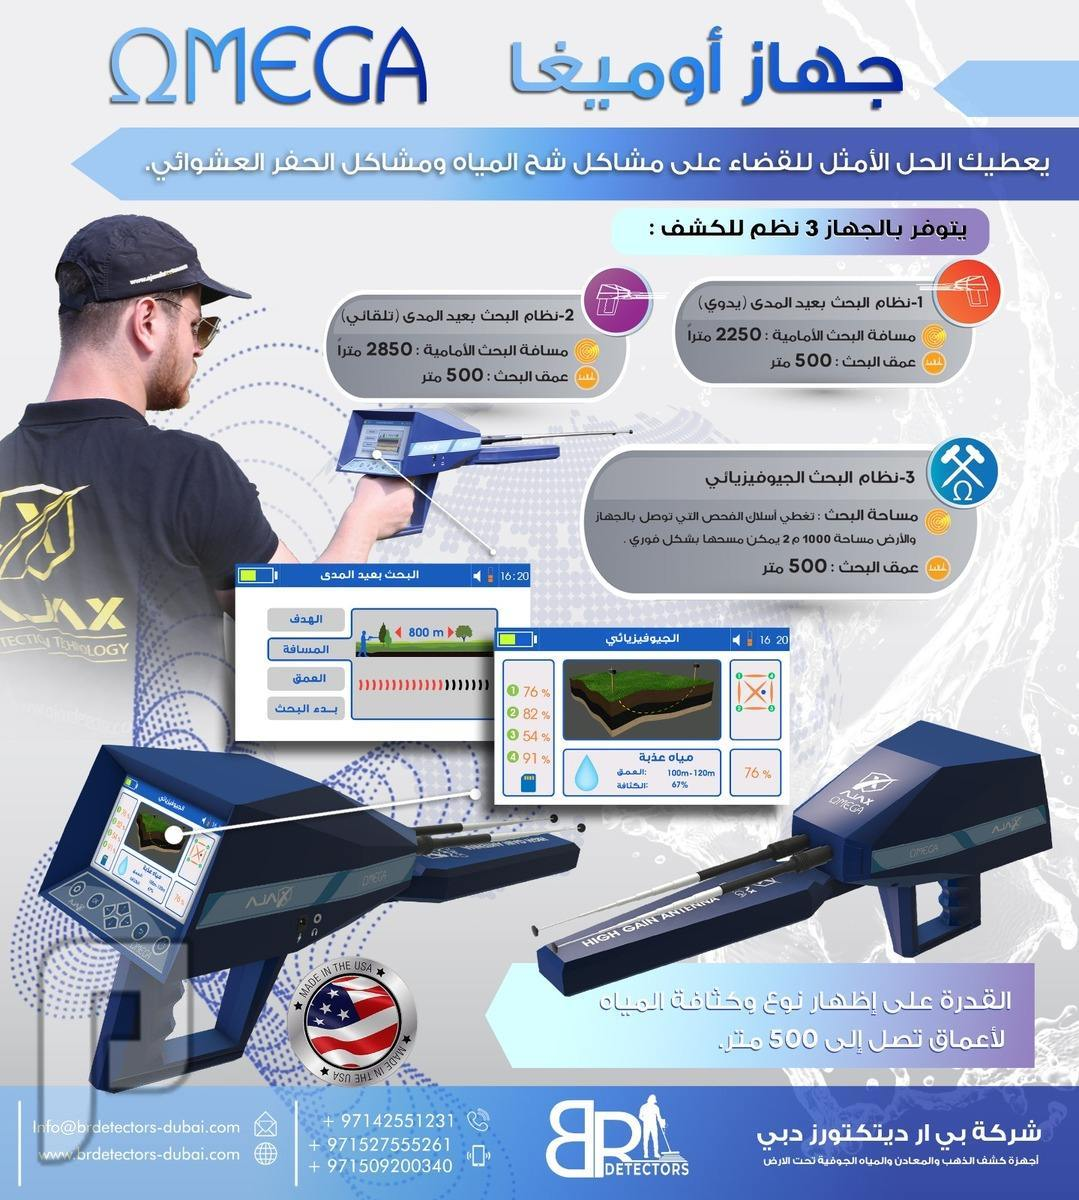 اجهزة الكشف عن المياه الجوفية والابار - اوميغا OMEGA اجهزة الكشف عن المياه الجوفية والابار اوميغا OMEGA